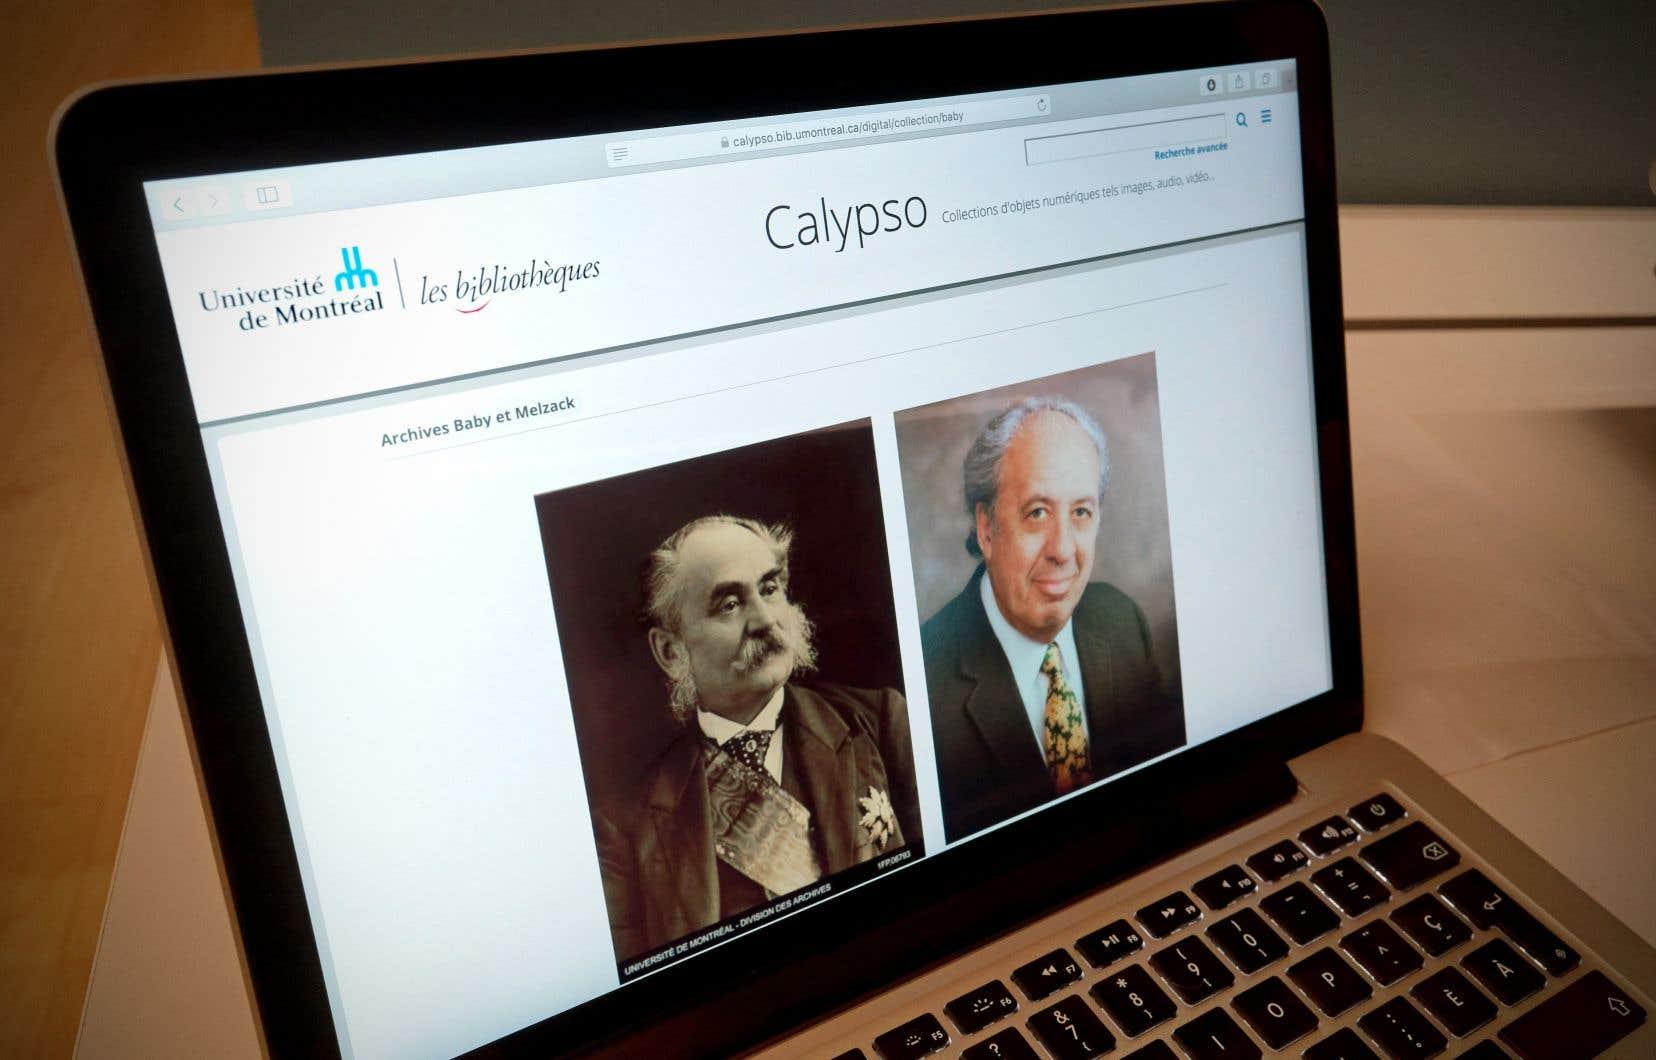 Les archives Baby et Melzack sont disponibles par l'entremise de la plateforme Calypso.